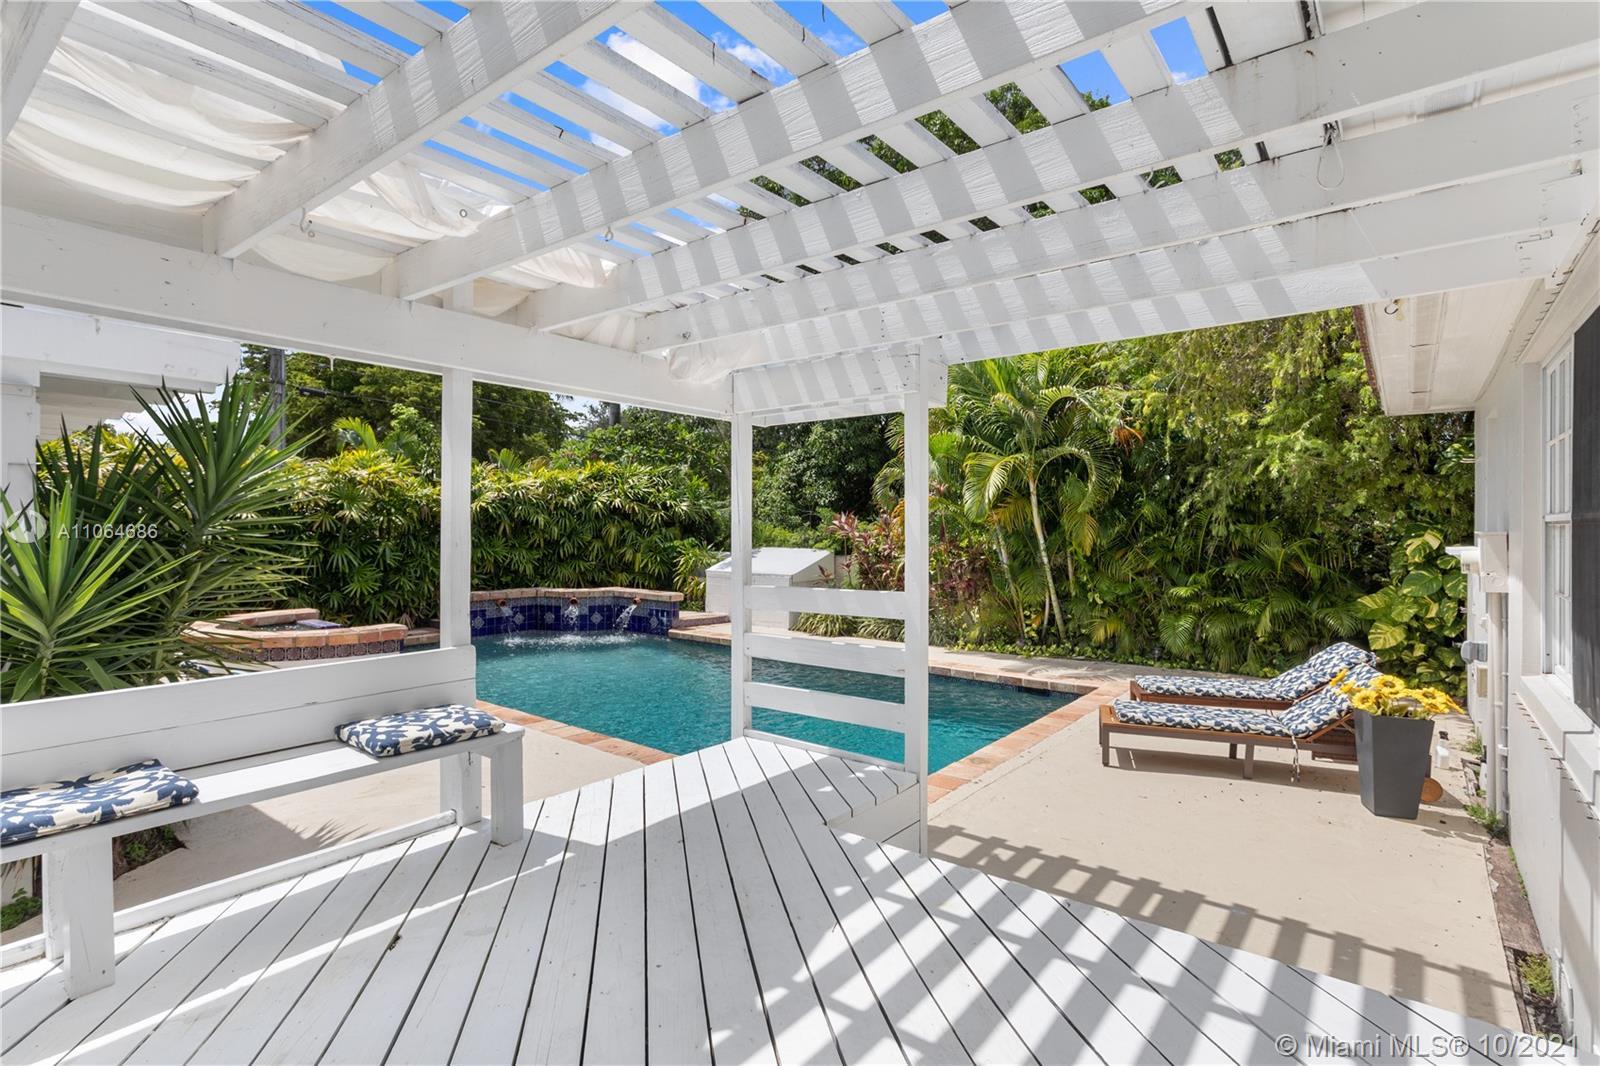 Miami Shores - 560 NE 107th St, Miami Shores, FL 33161